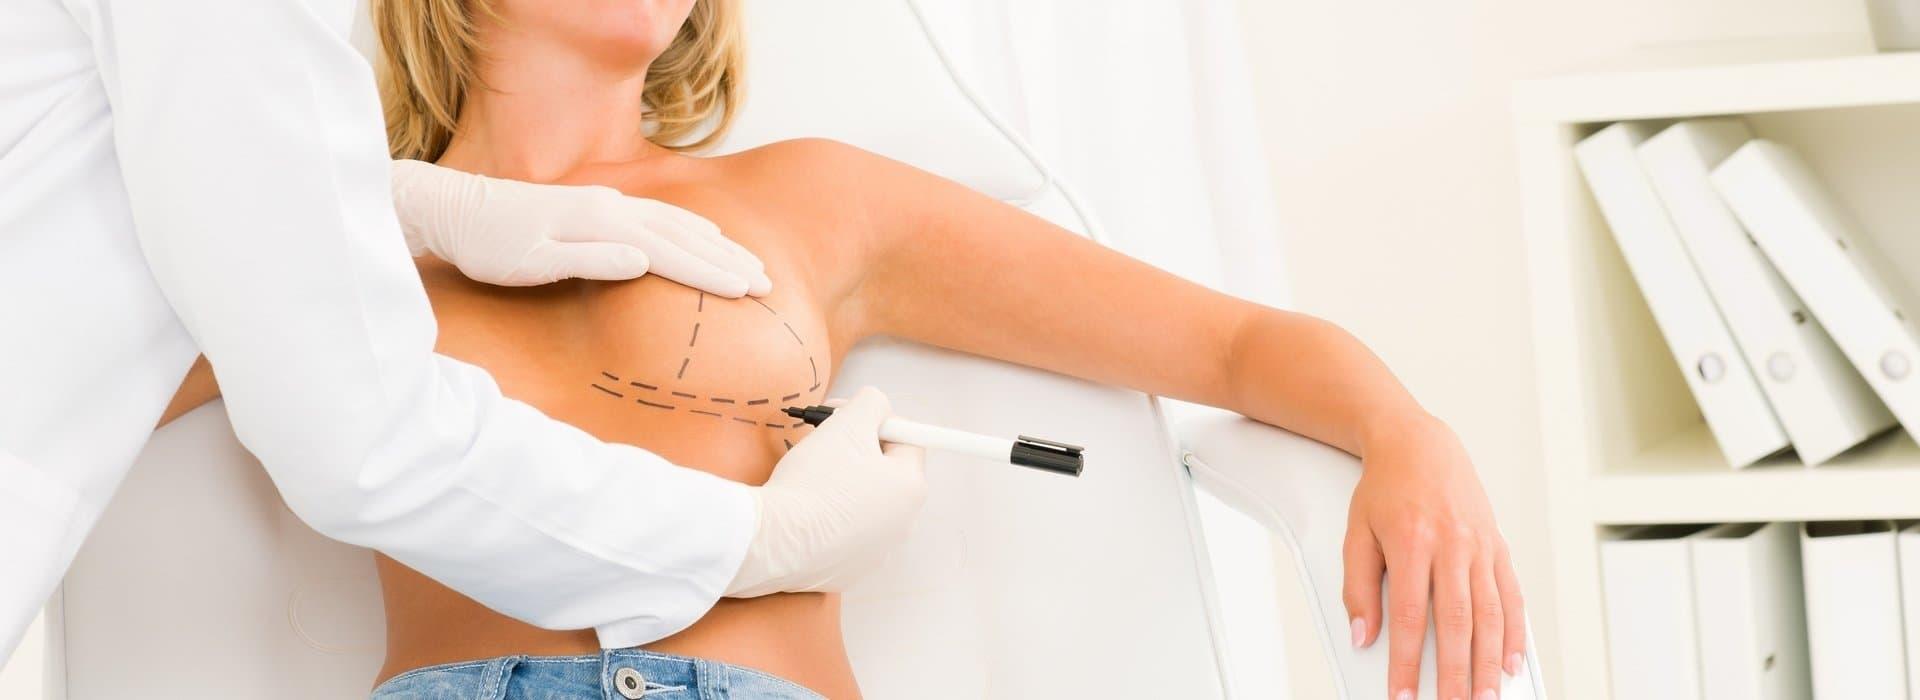 Перед увеличением груди врач проводит разметку операционного поля